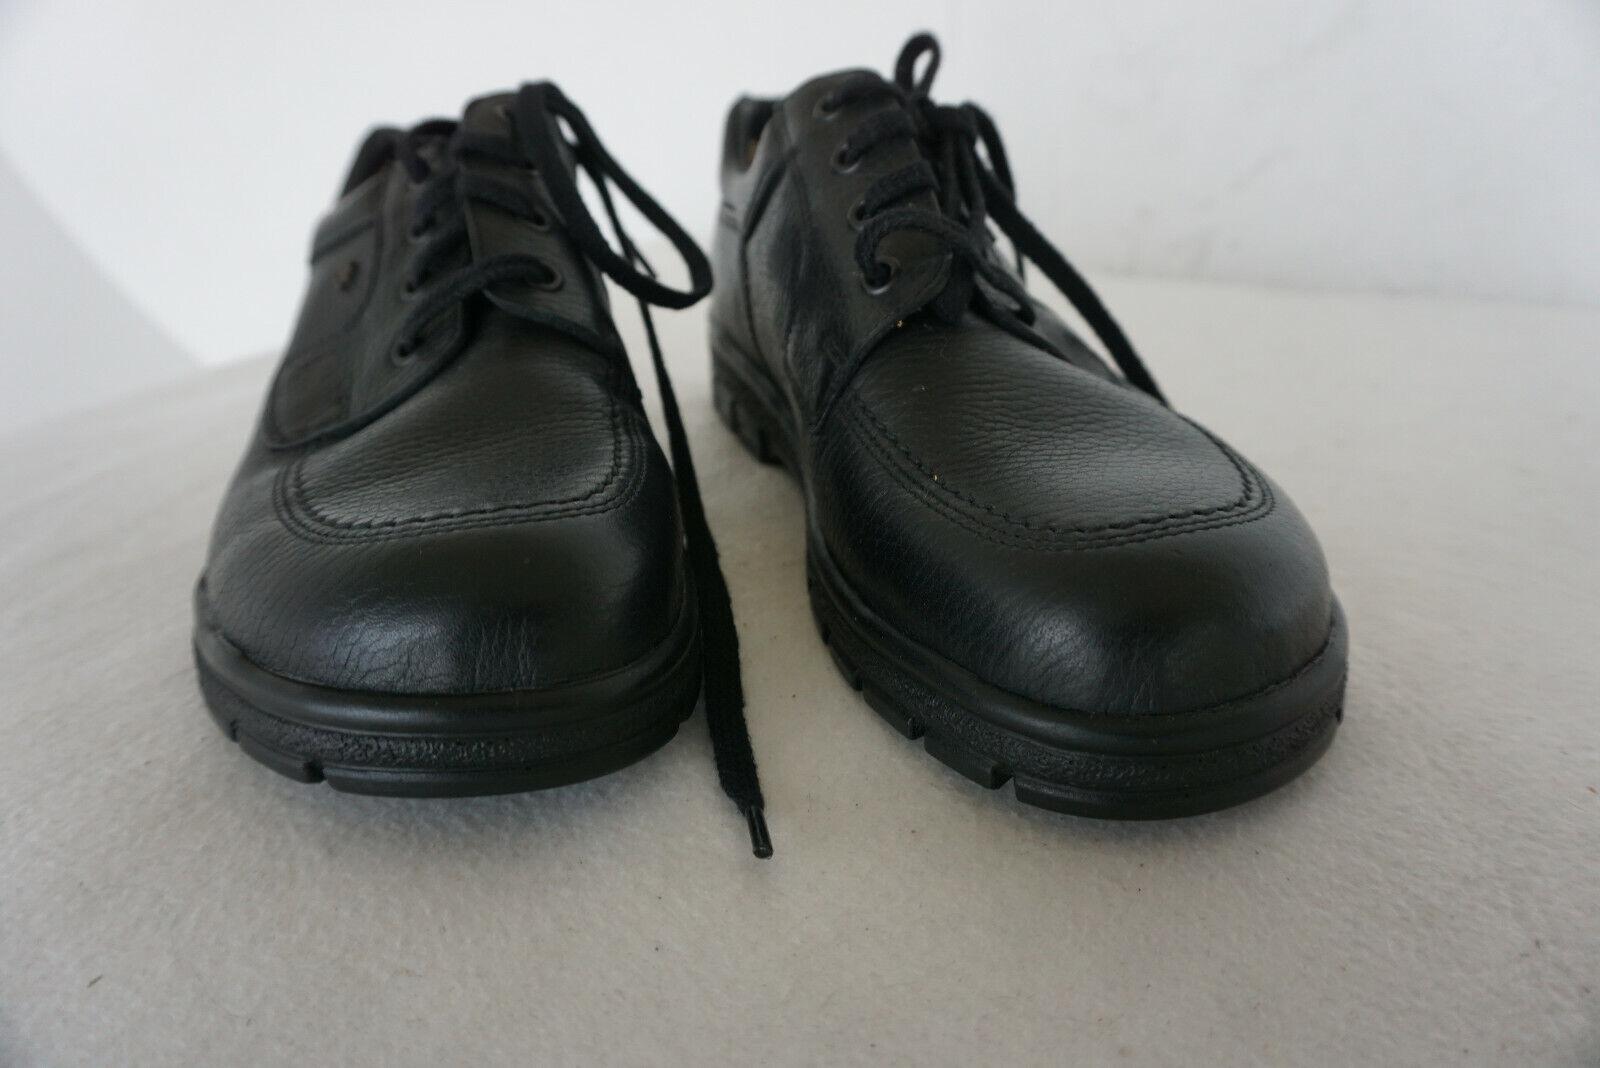 FINN COMFORT Brest Messieurs Men chaussures Chaussure Lacée Taille 7 40,5 noir Cuir Neuf